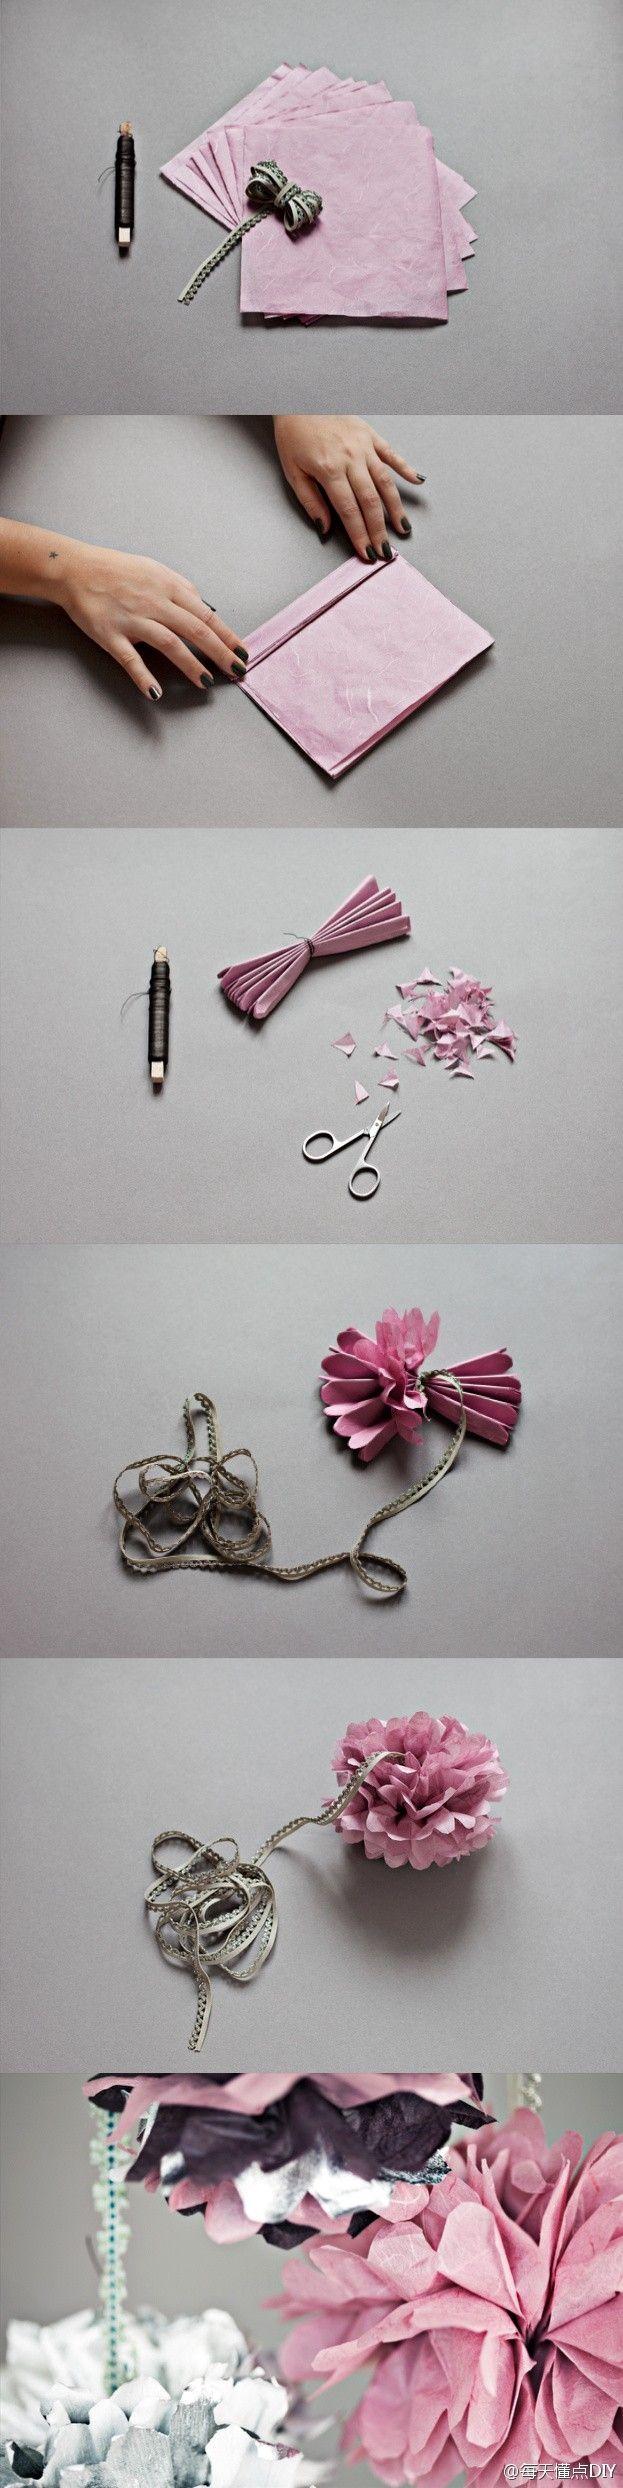 DIY Craft Flowers diy crafts easy crafts craft idea diy ideas diy crafts diy…